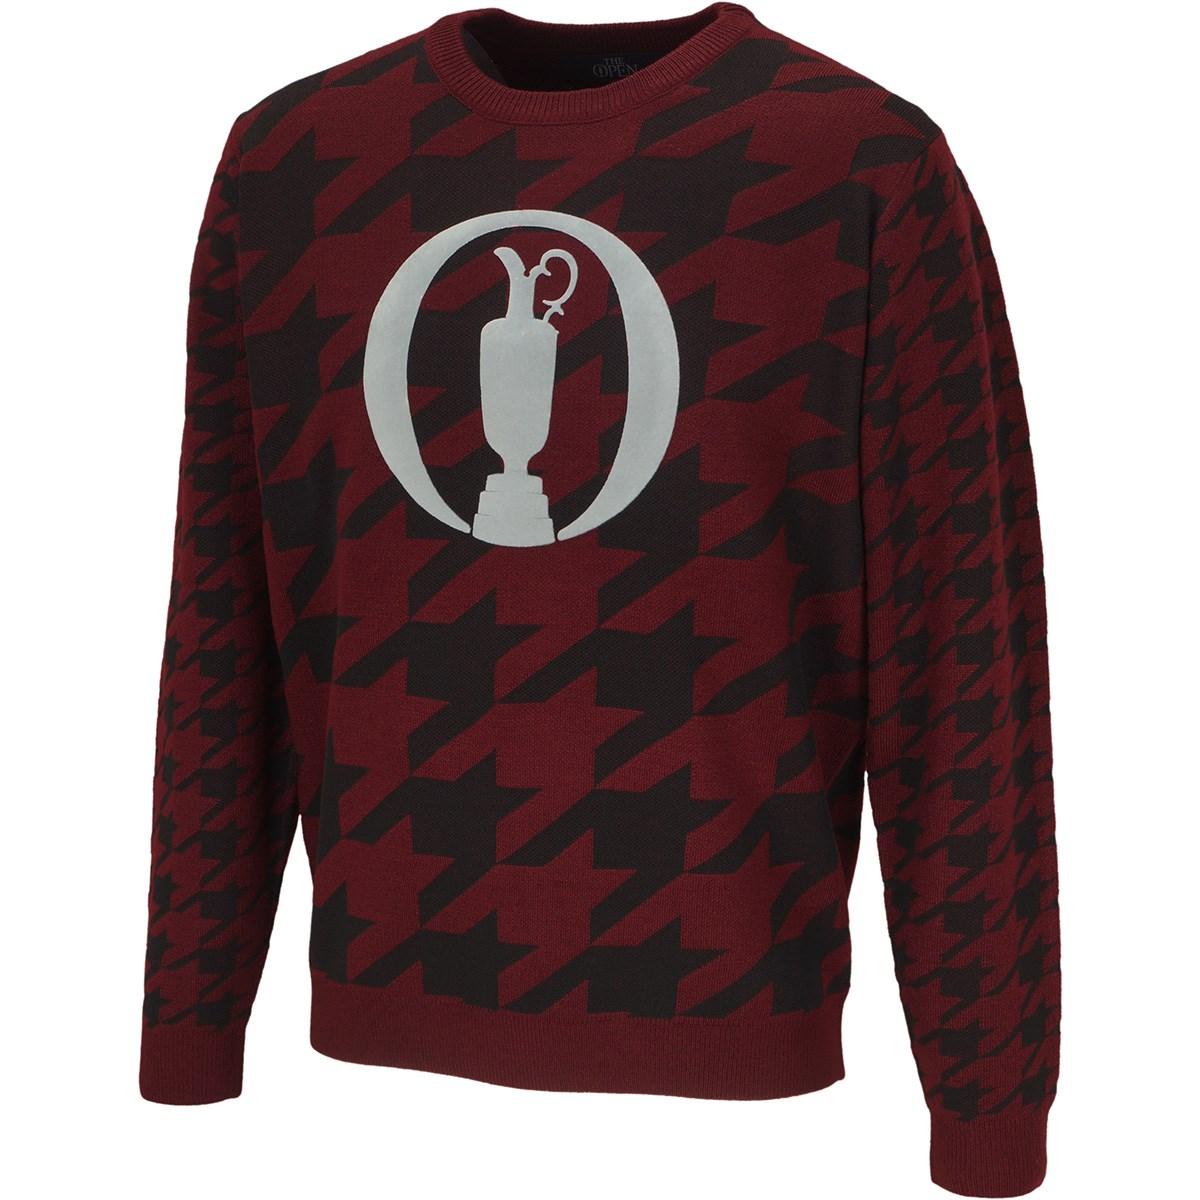 ジ オープン ハウンドトゥースジャカードセーター